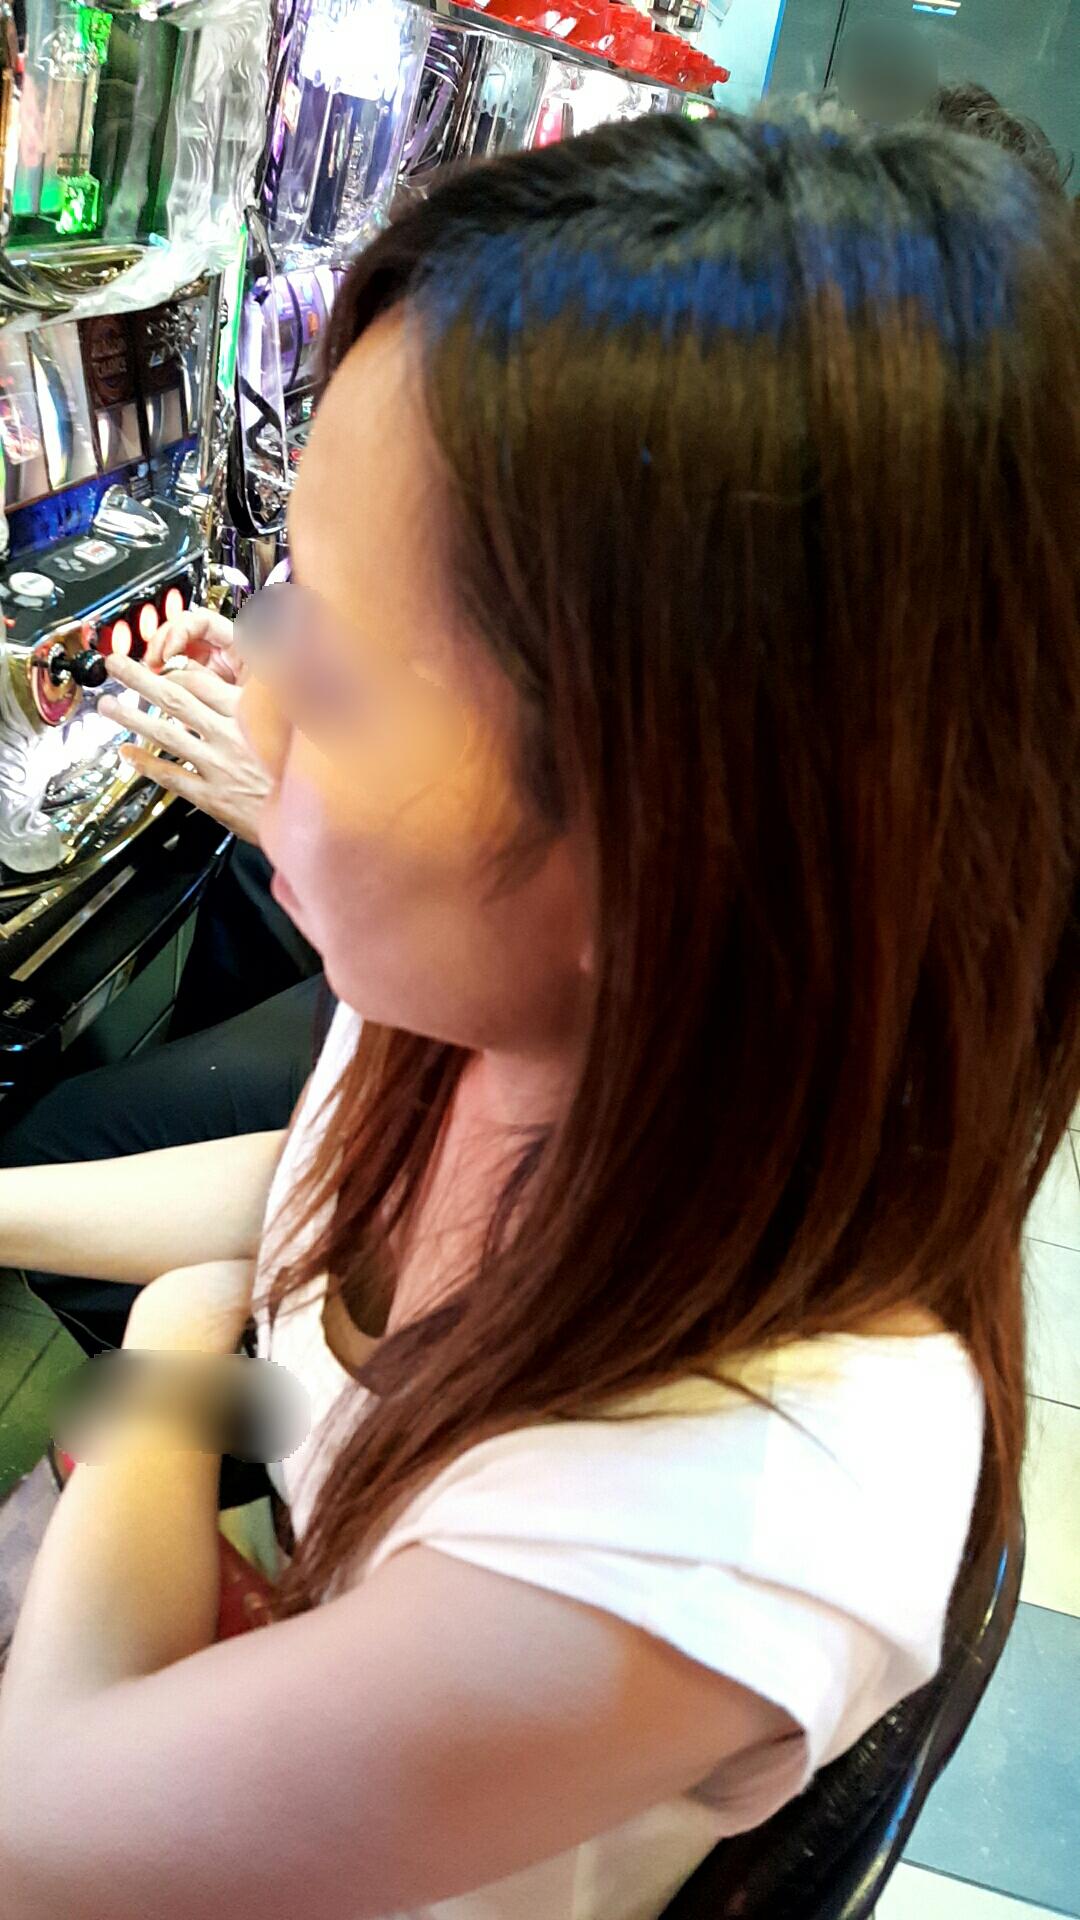 パチンコ スロット 胸チラ 乳首チラ 女性客 エロ画像【6】